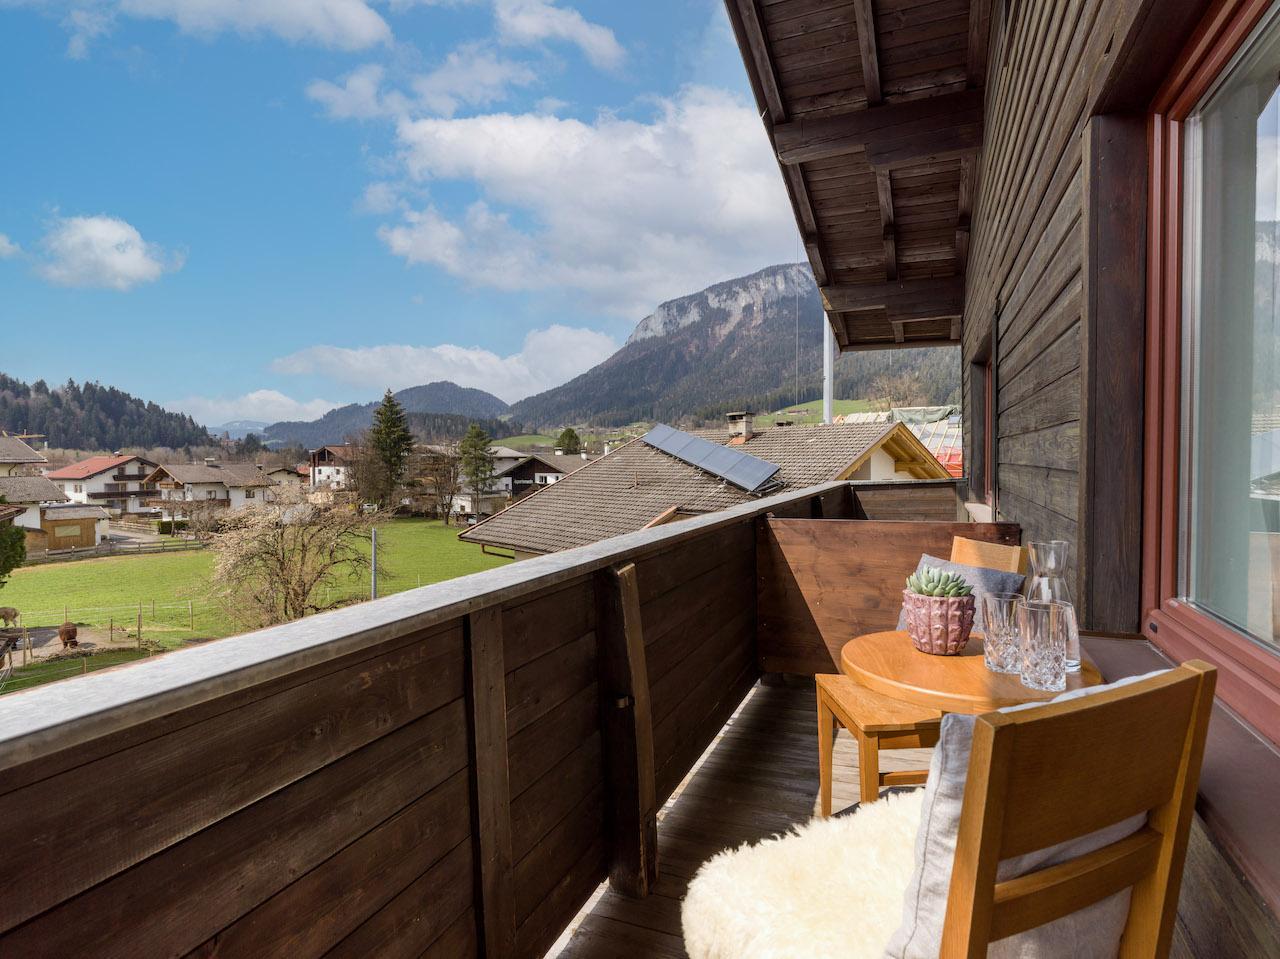 Tennenwirt Guesthouse #Willkommen#Guesthouse#Wohneinheiten#Bildergalerie#Region#Sommer